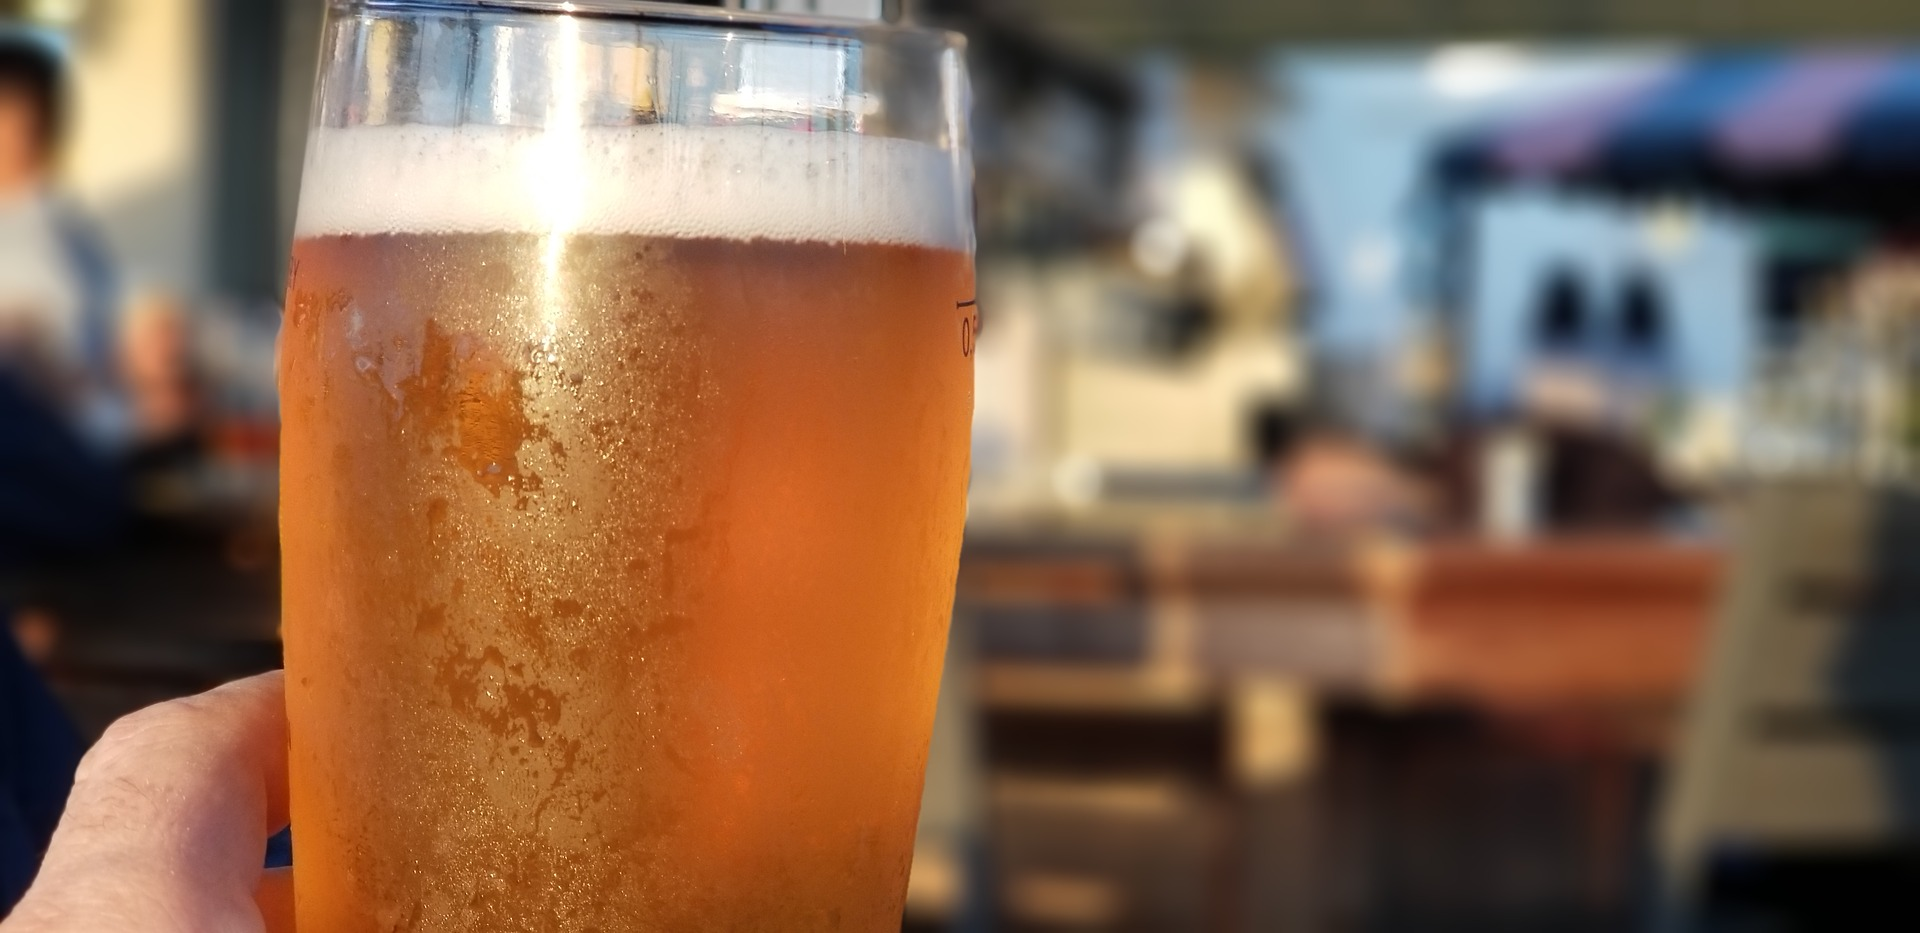 Bière - Pinte de bière craft